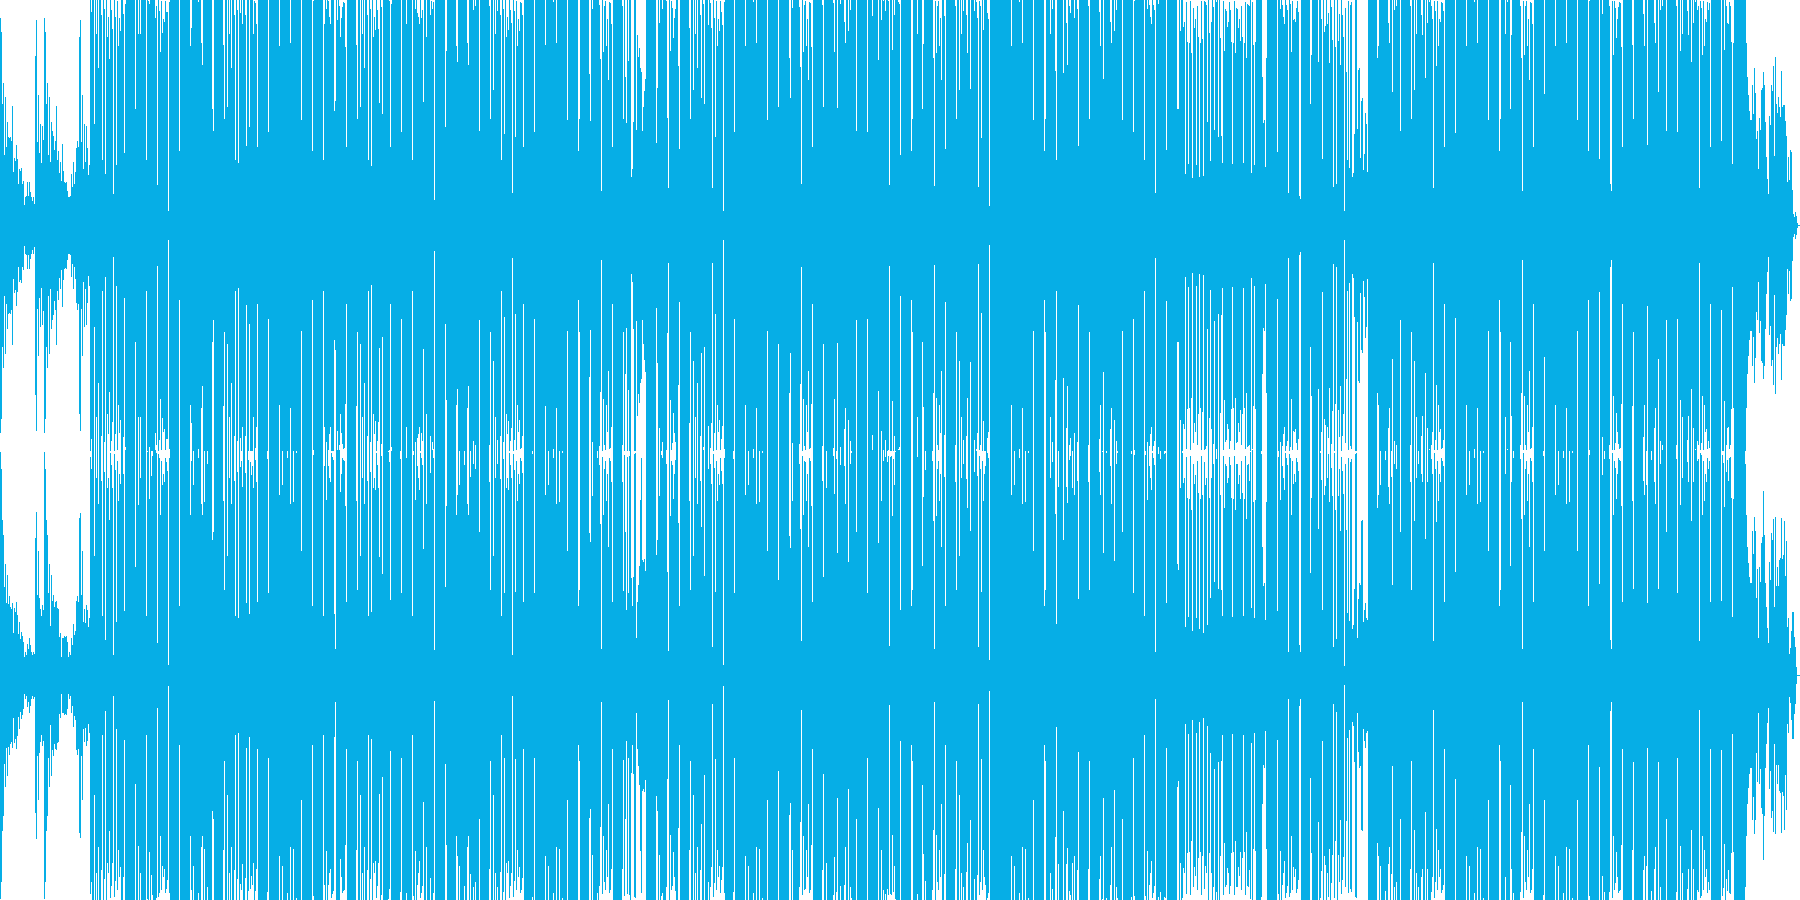 ジャズ風のローズピアノと硬派なサウンドの再生済みの波形